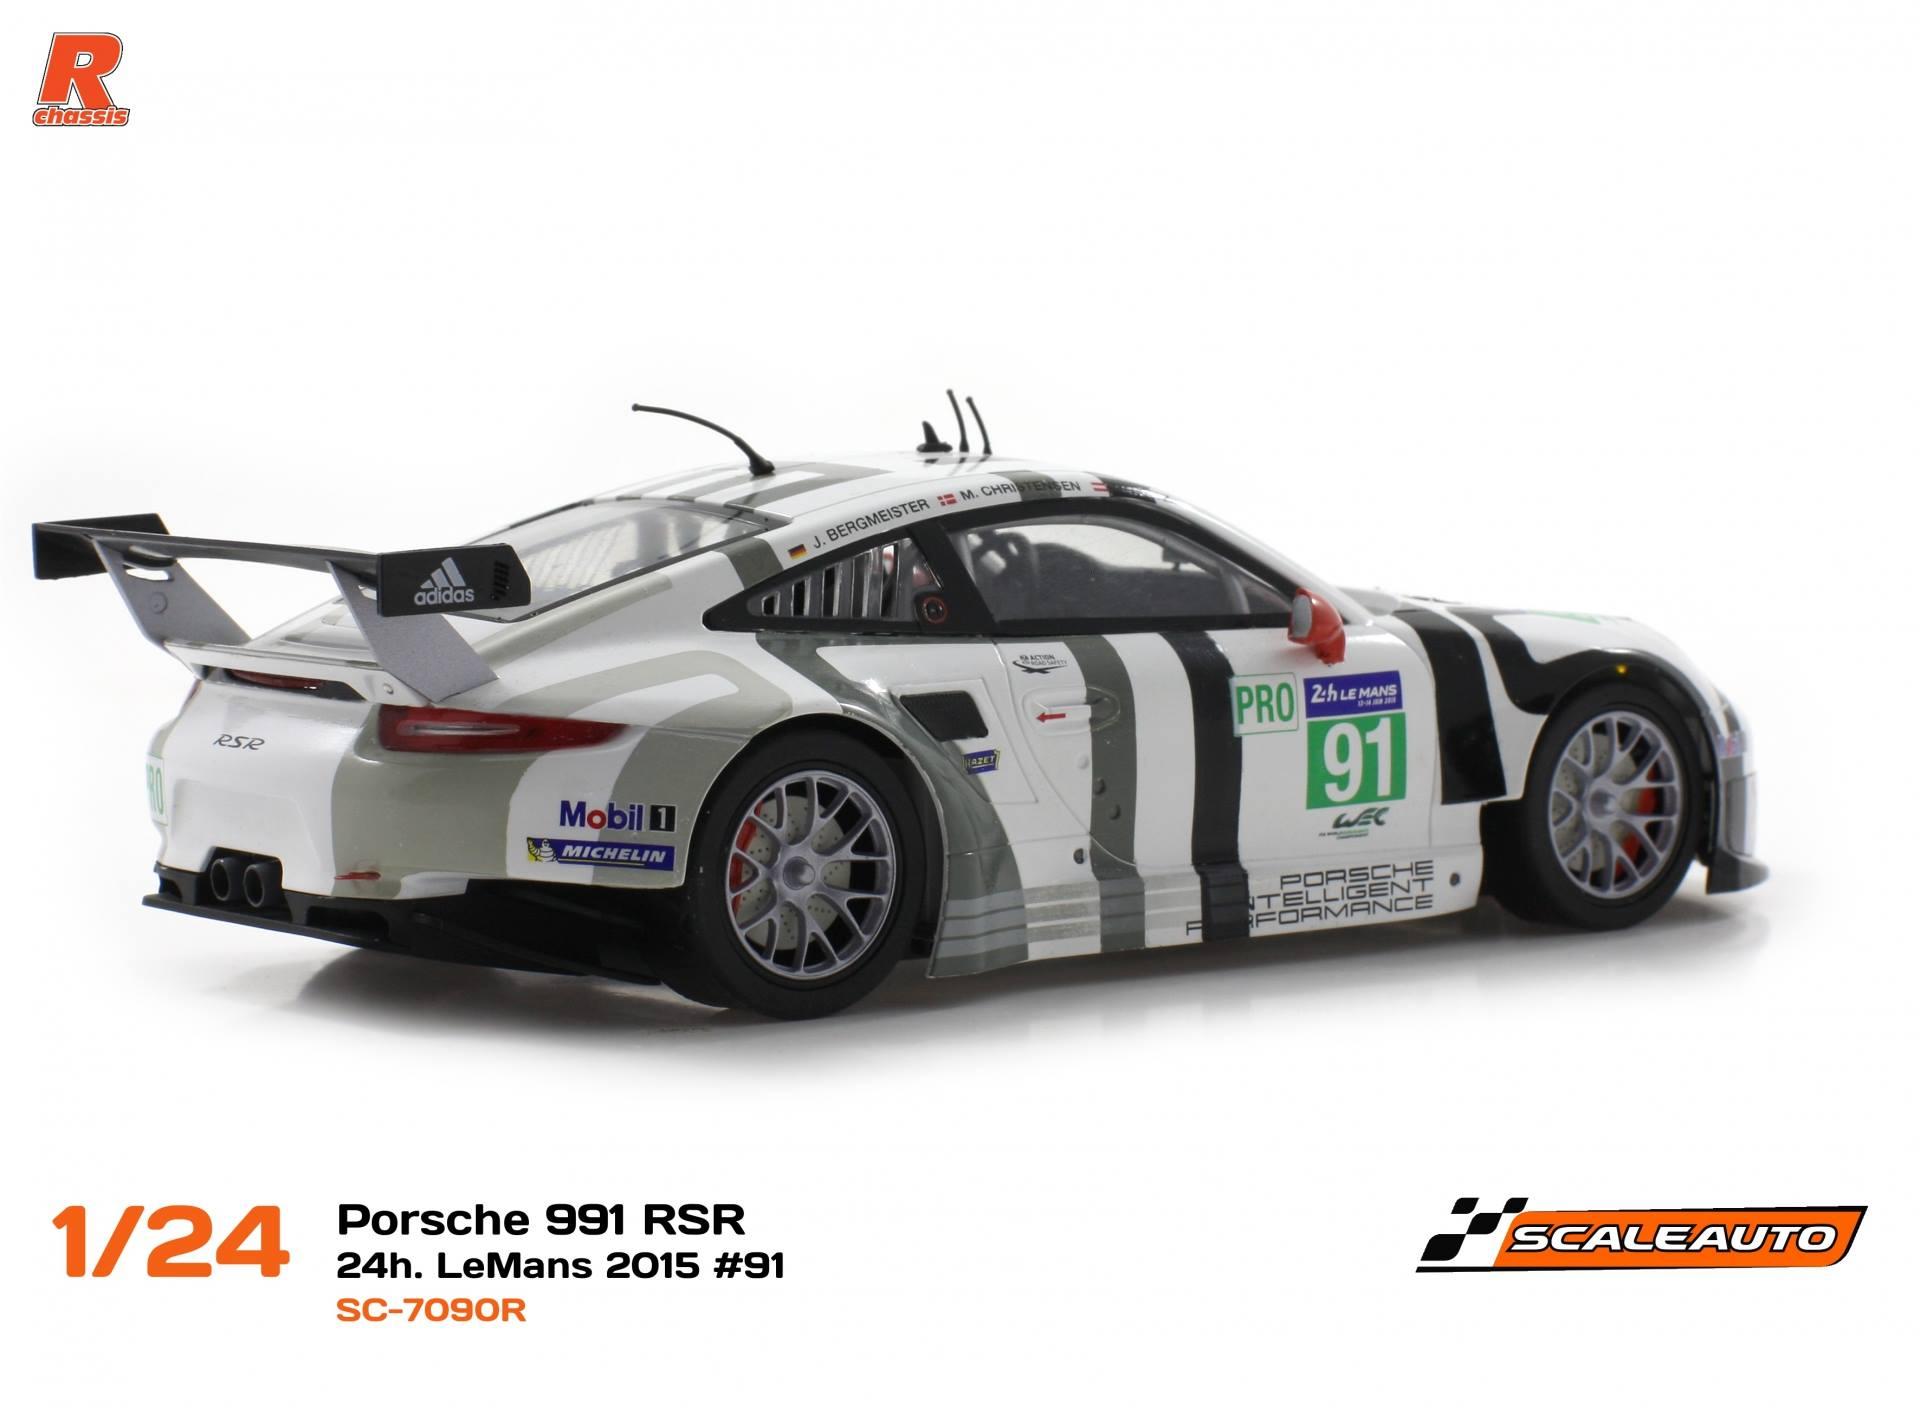 <img class=&quot;size-full wp-image-24182&quot; src=&quot;https://www.letratslot.com/wp-content/uploads/2018/09/40994723_2167044356851884_2755456923246526464_o.jpg&quot; alt=&quot;SC-7090HS Porsche 991 GT3 RSR 24h. LeMans 2015 # 91 avec le châssis HS124.&quot; width=&quot;1920&quot; height=&quot;1408&quot; srcset=